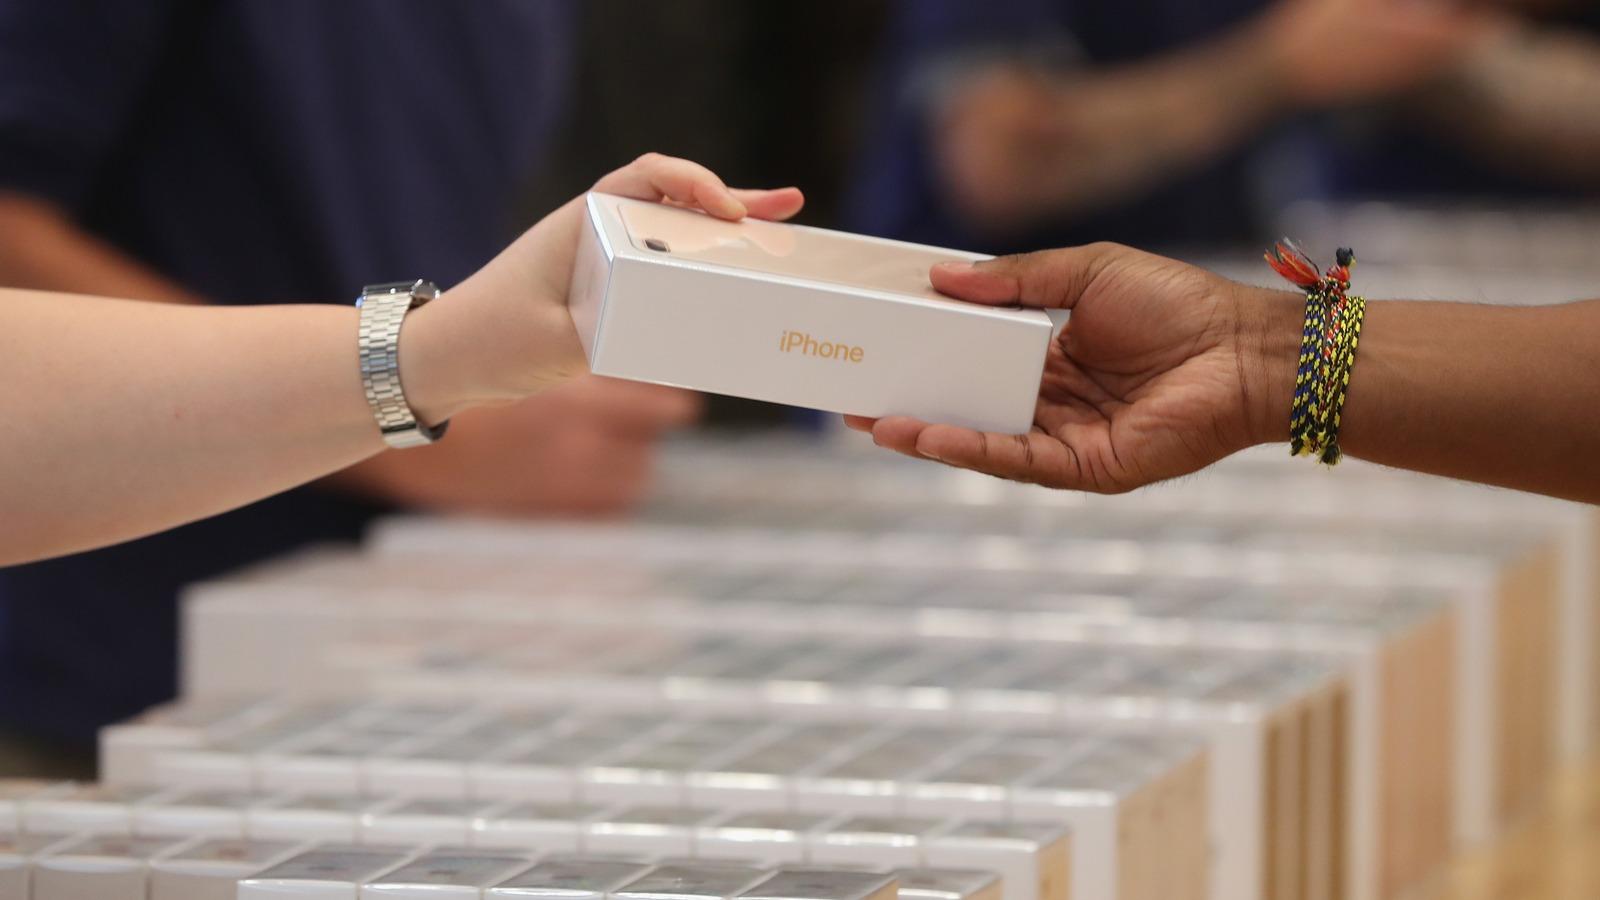 Новости Apple, 211 выпуск: новый iPhone, 10,5-дюймовый iPad Pro и цена iMac Pro